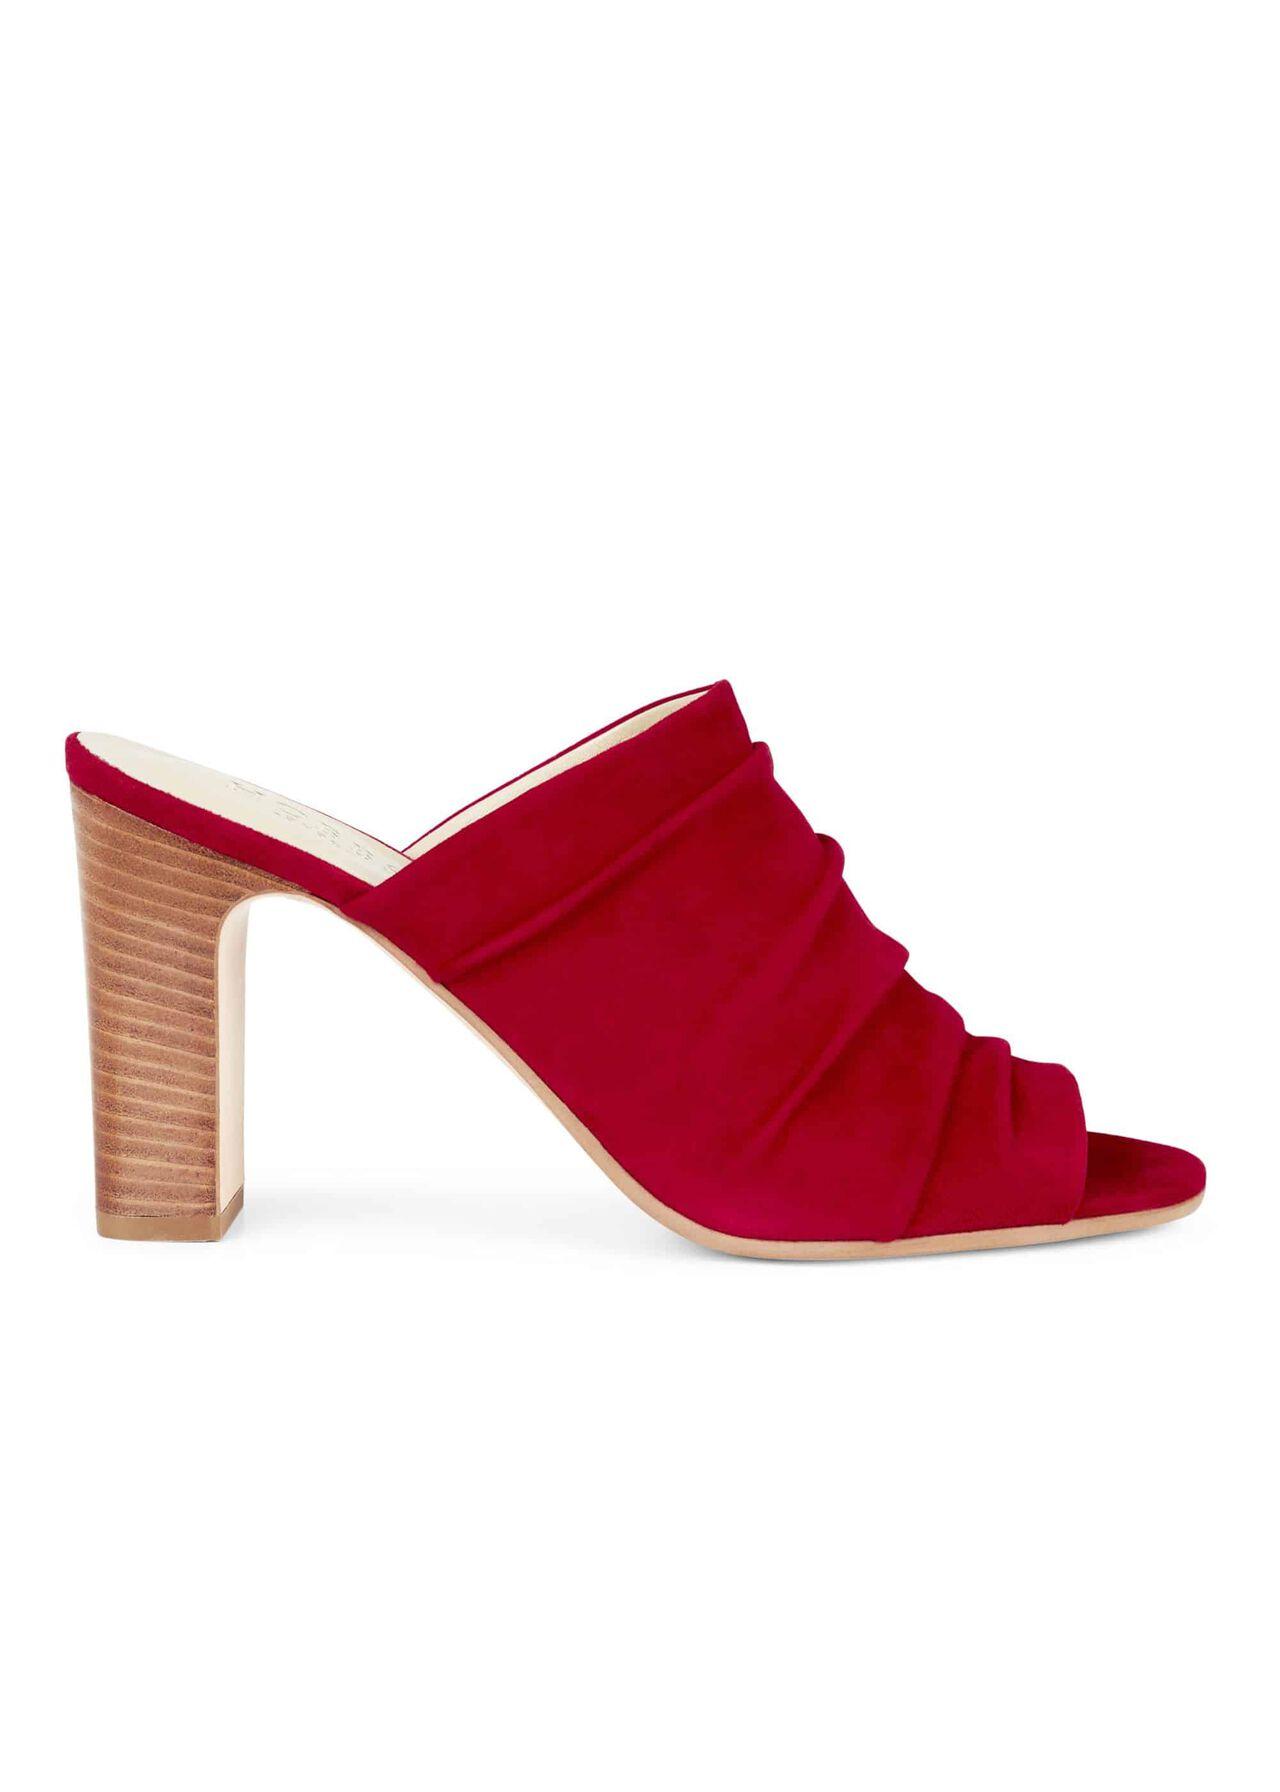 Rose Sandal Scarlet Red